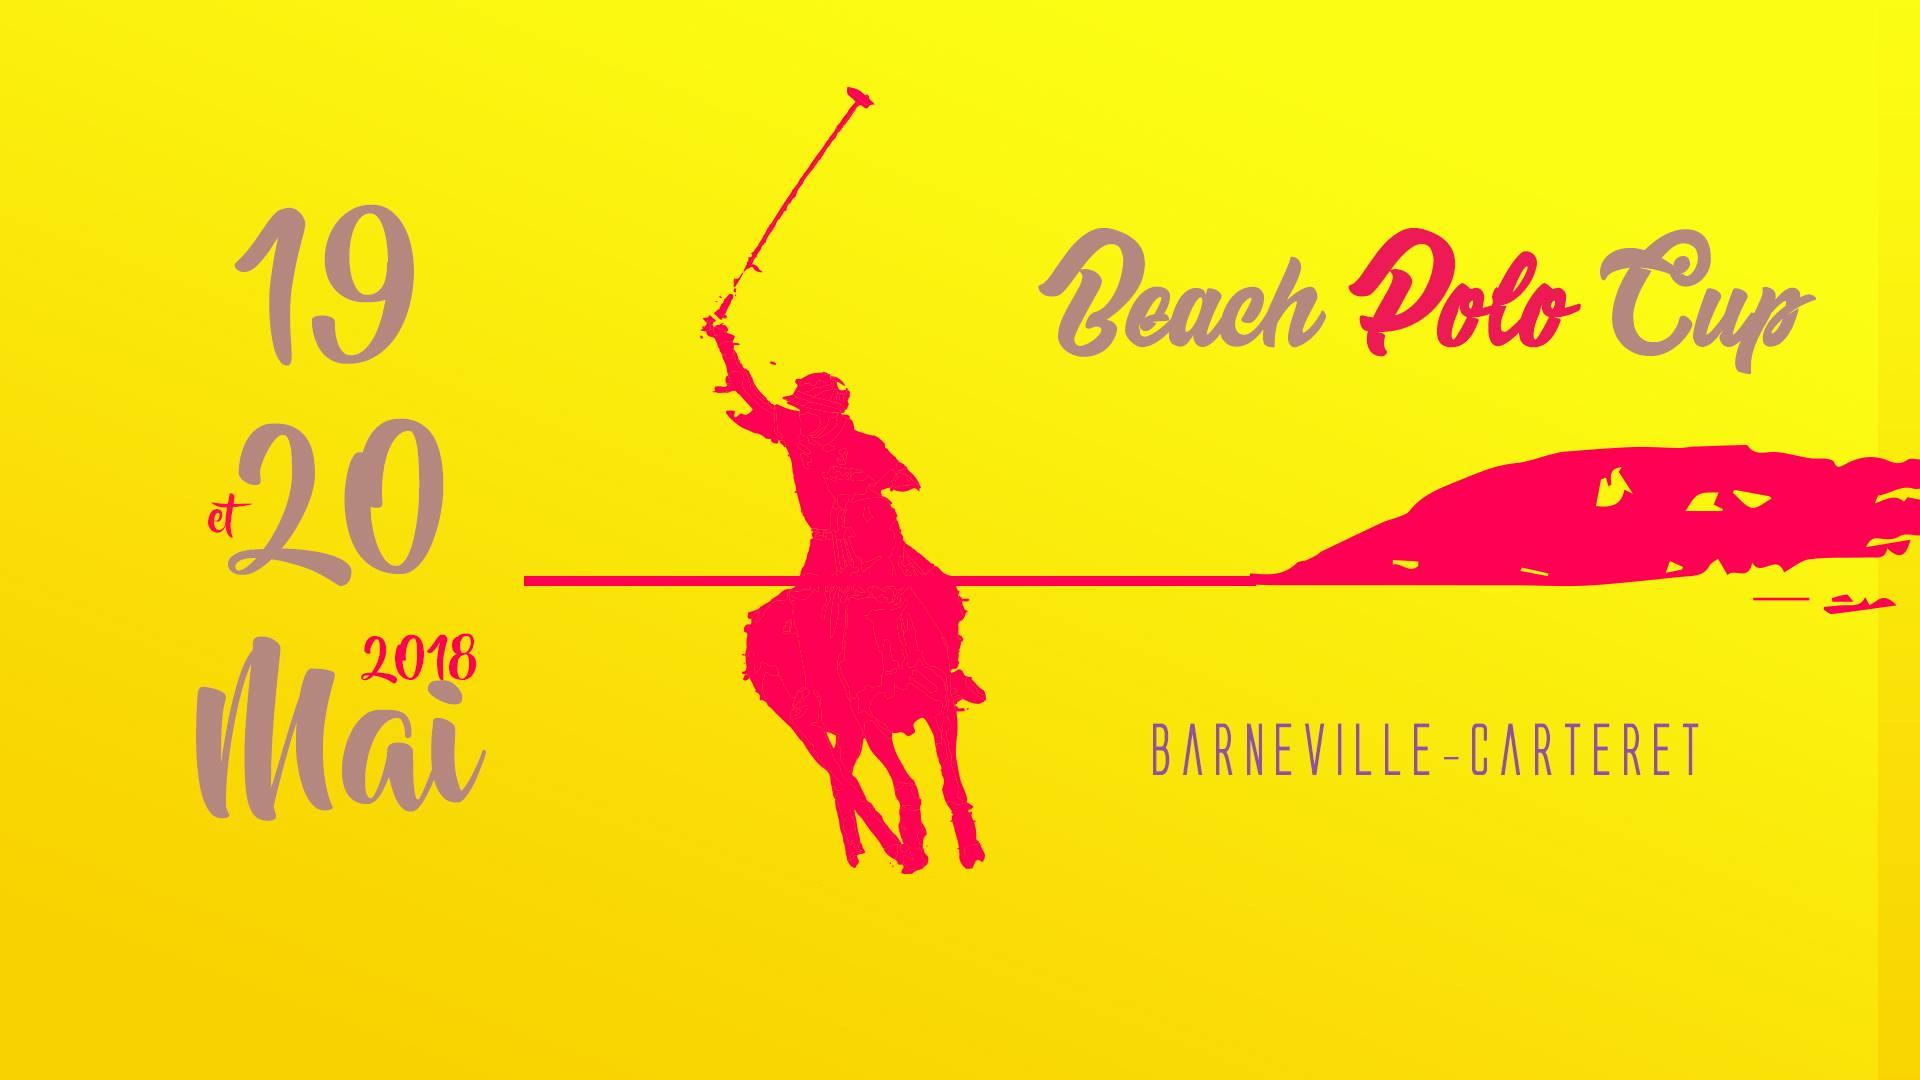 beach-polo-cup-2018